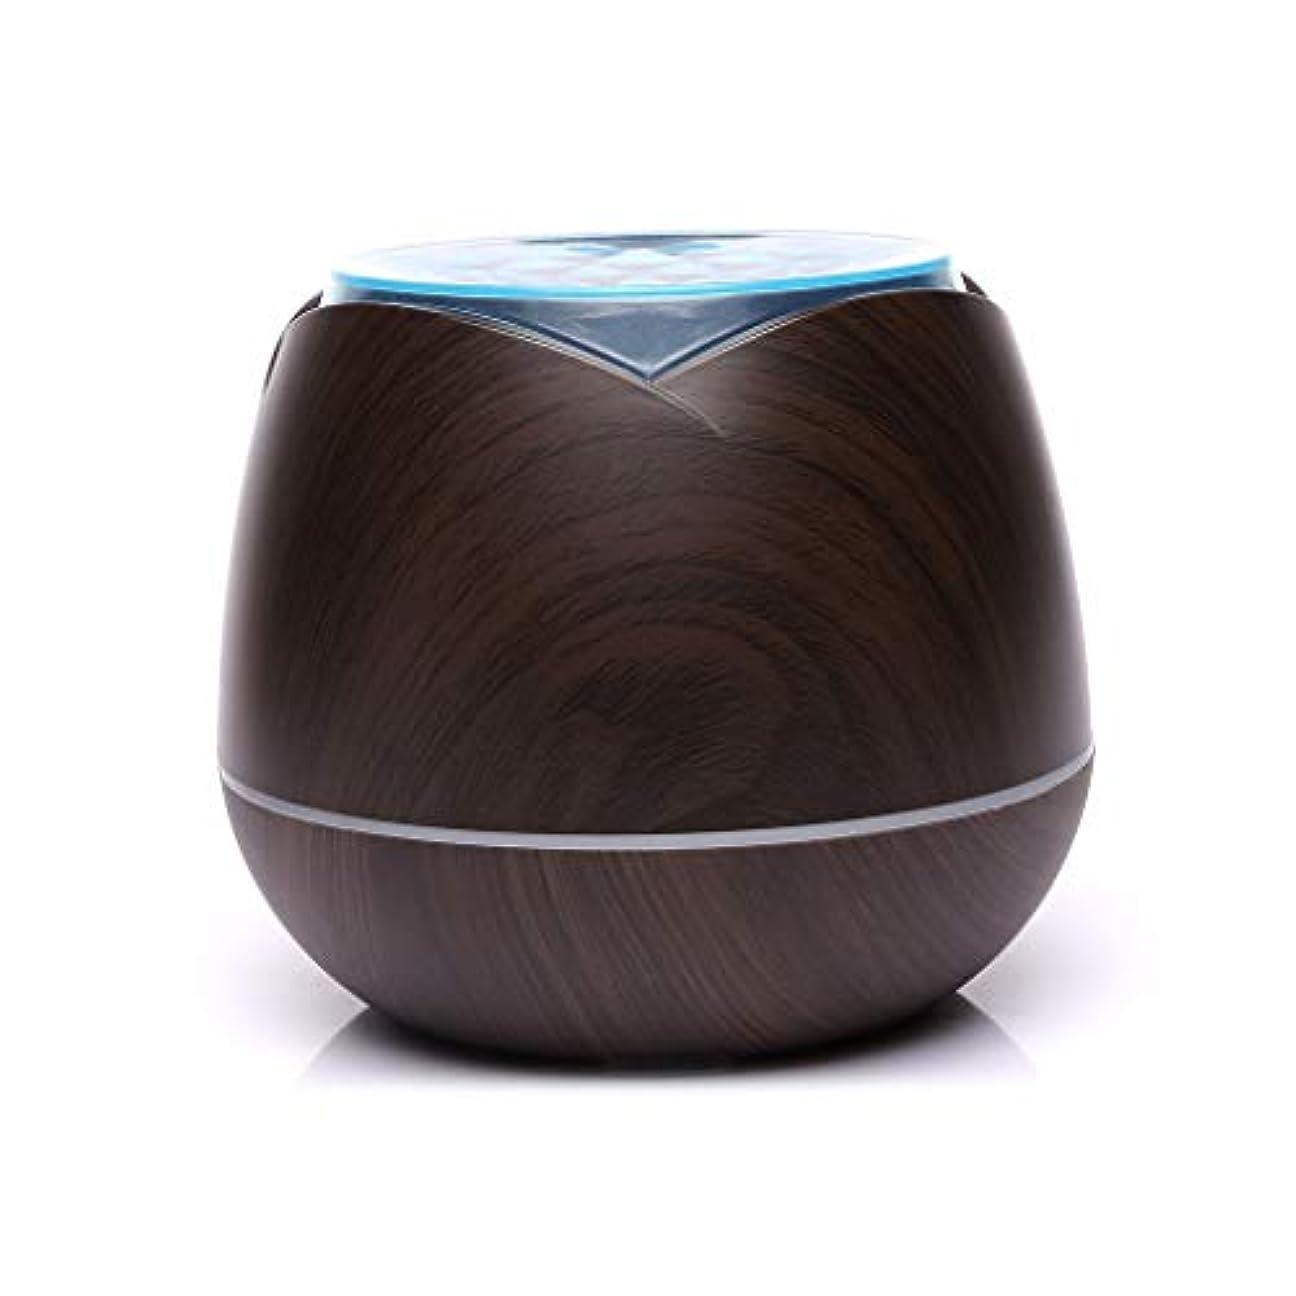 広まったキャラバン同種の涼しい霧の空気加湿器、家、ヨガ、オフィス、鉱泉、寝室のために変わる色LEDライトと超音波400ml - 木目 - (Color : Dark wood grain)